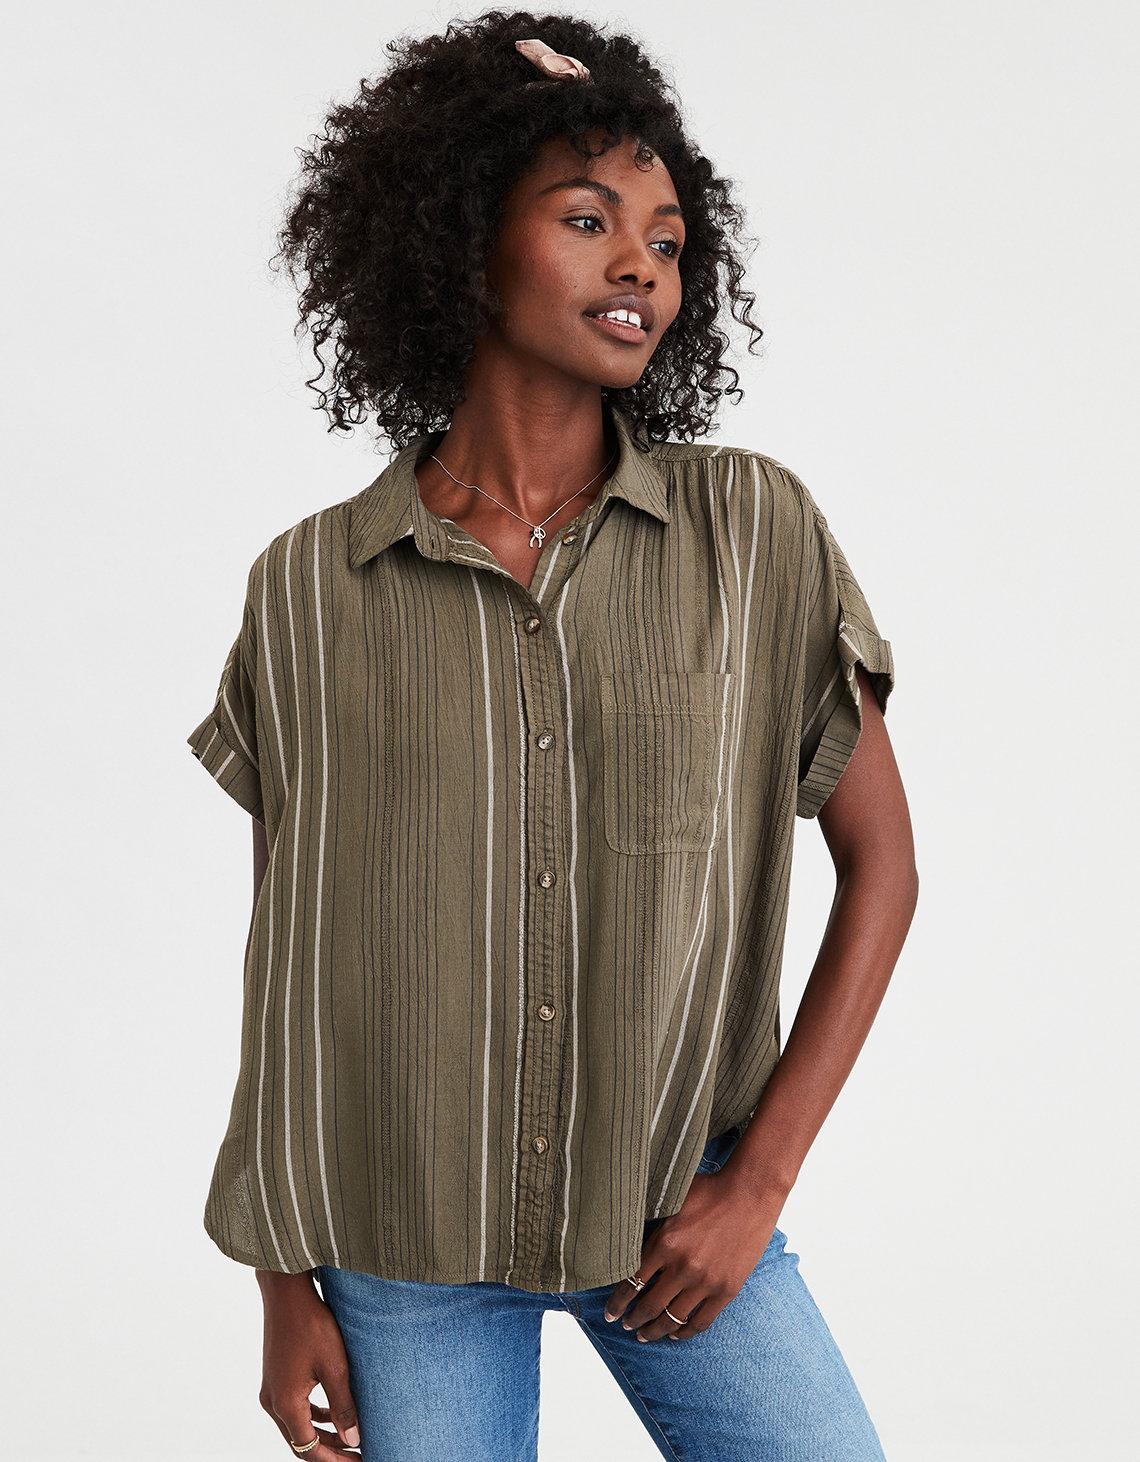 41ec04c8 AE Short Sleeve Striped Button-Down Shirt